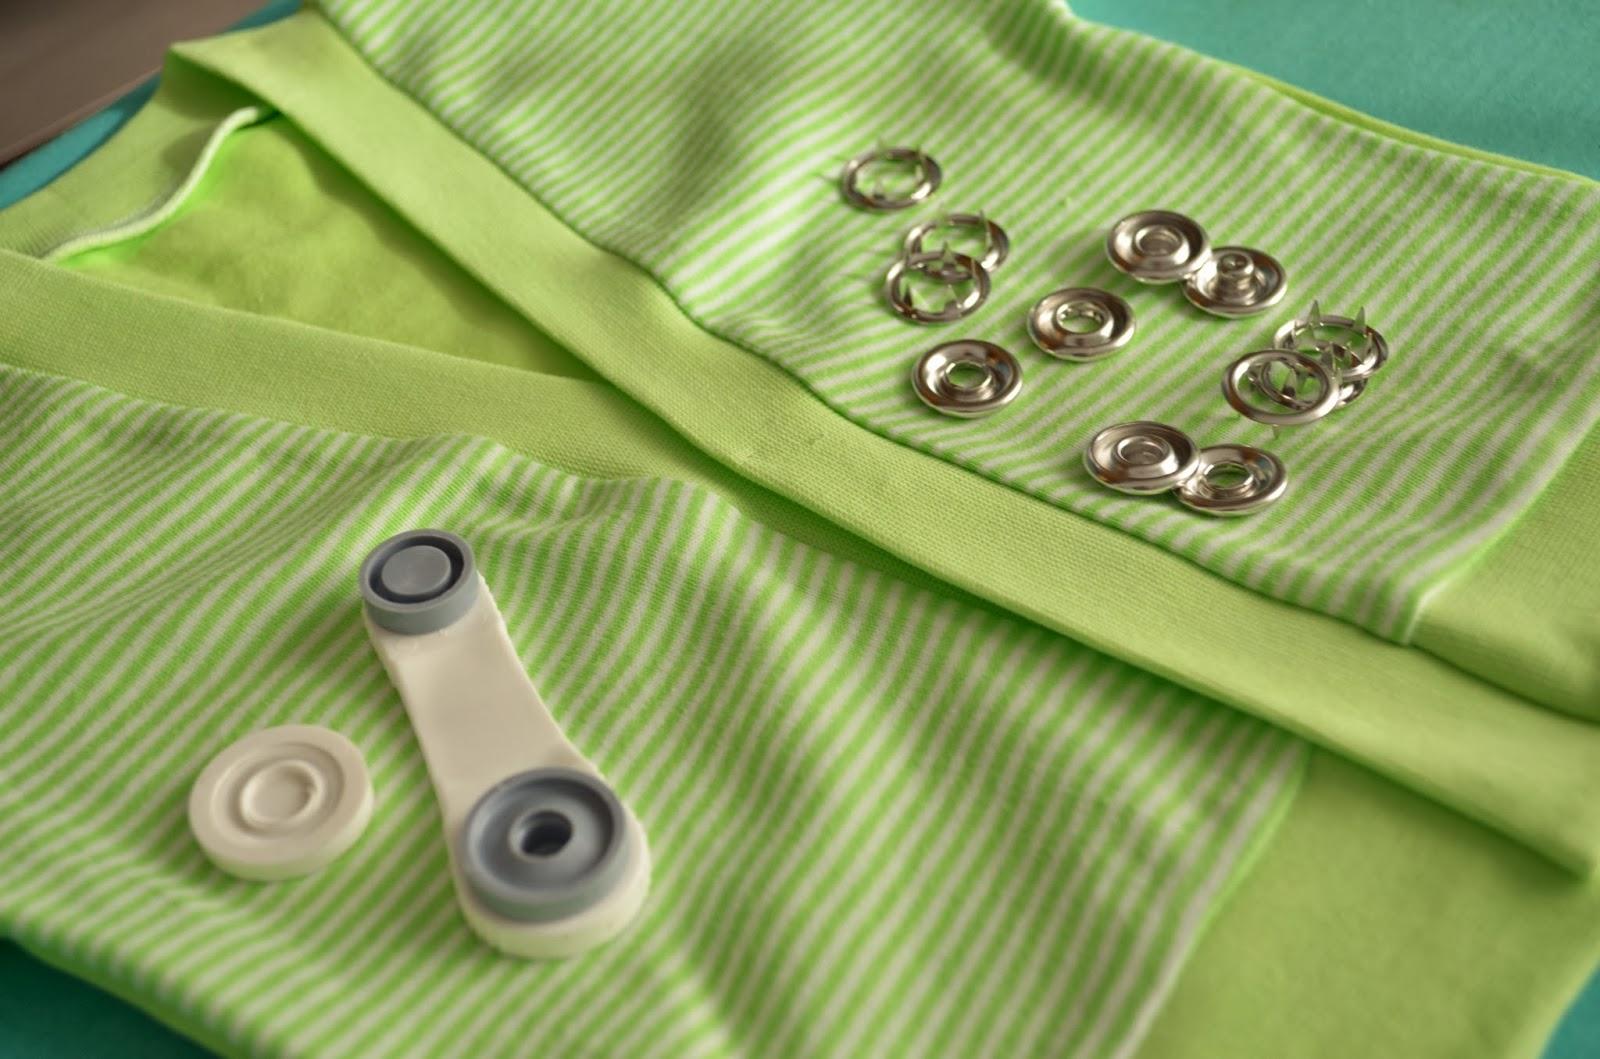 Поставить заклепки на одежду в домашних условиях